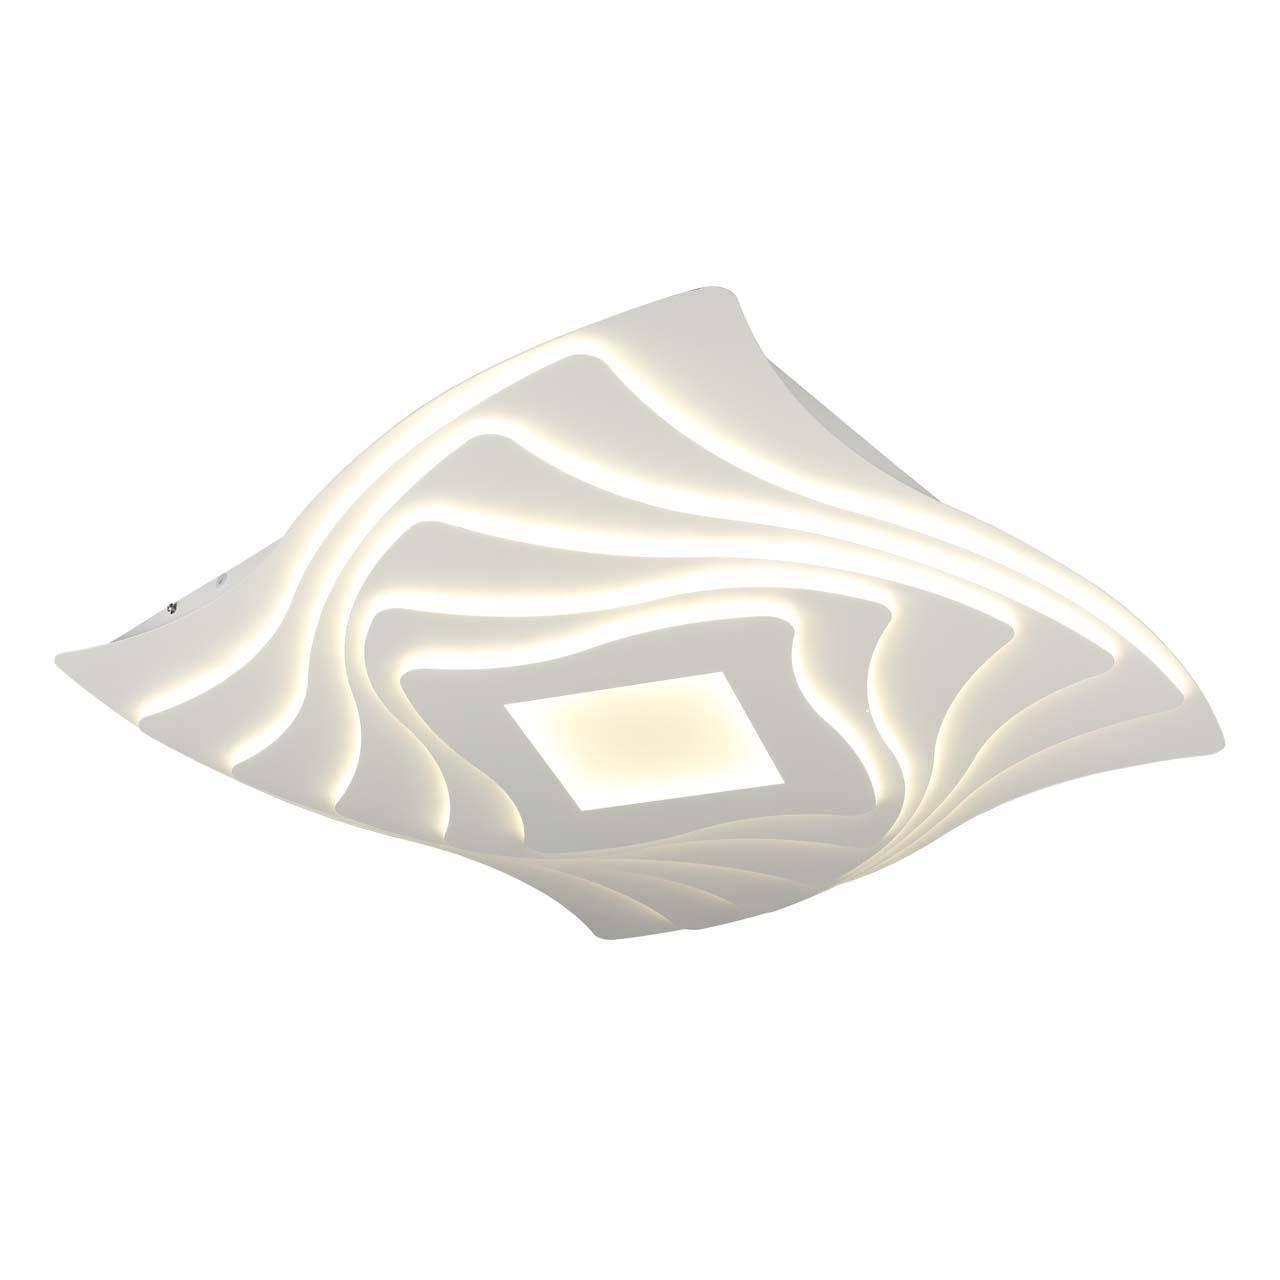 Потолочная светодиодная люстра Omnilux Benevello OML-07807-410